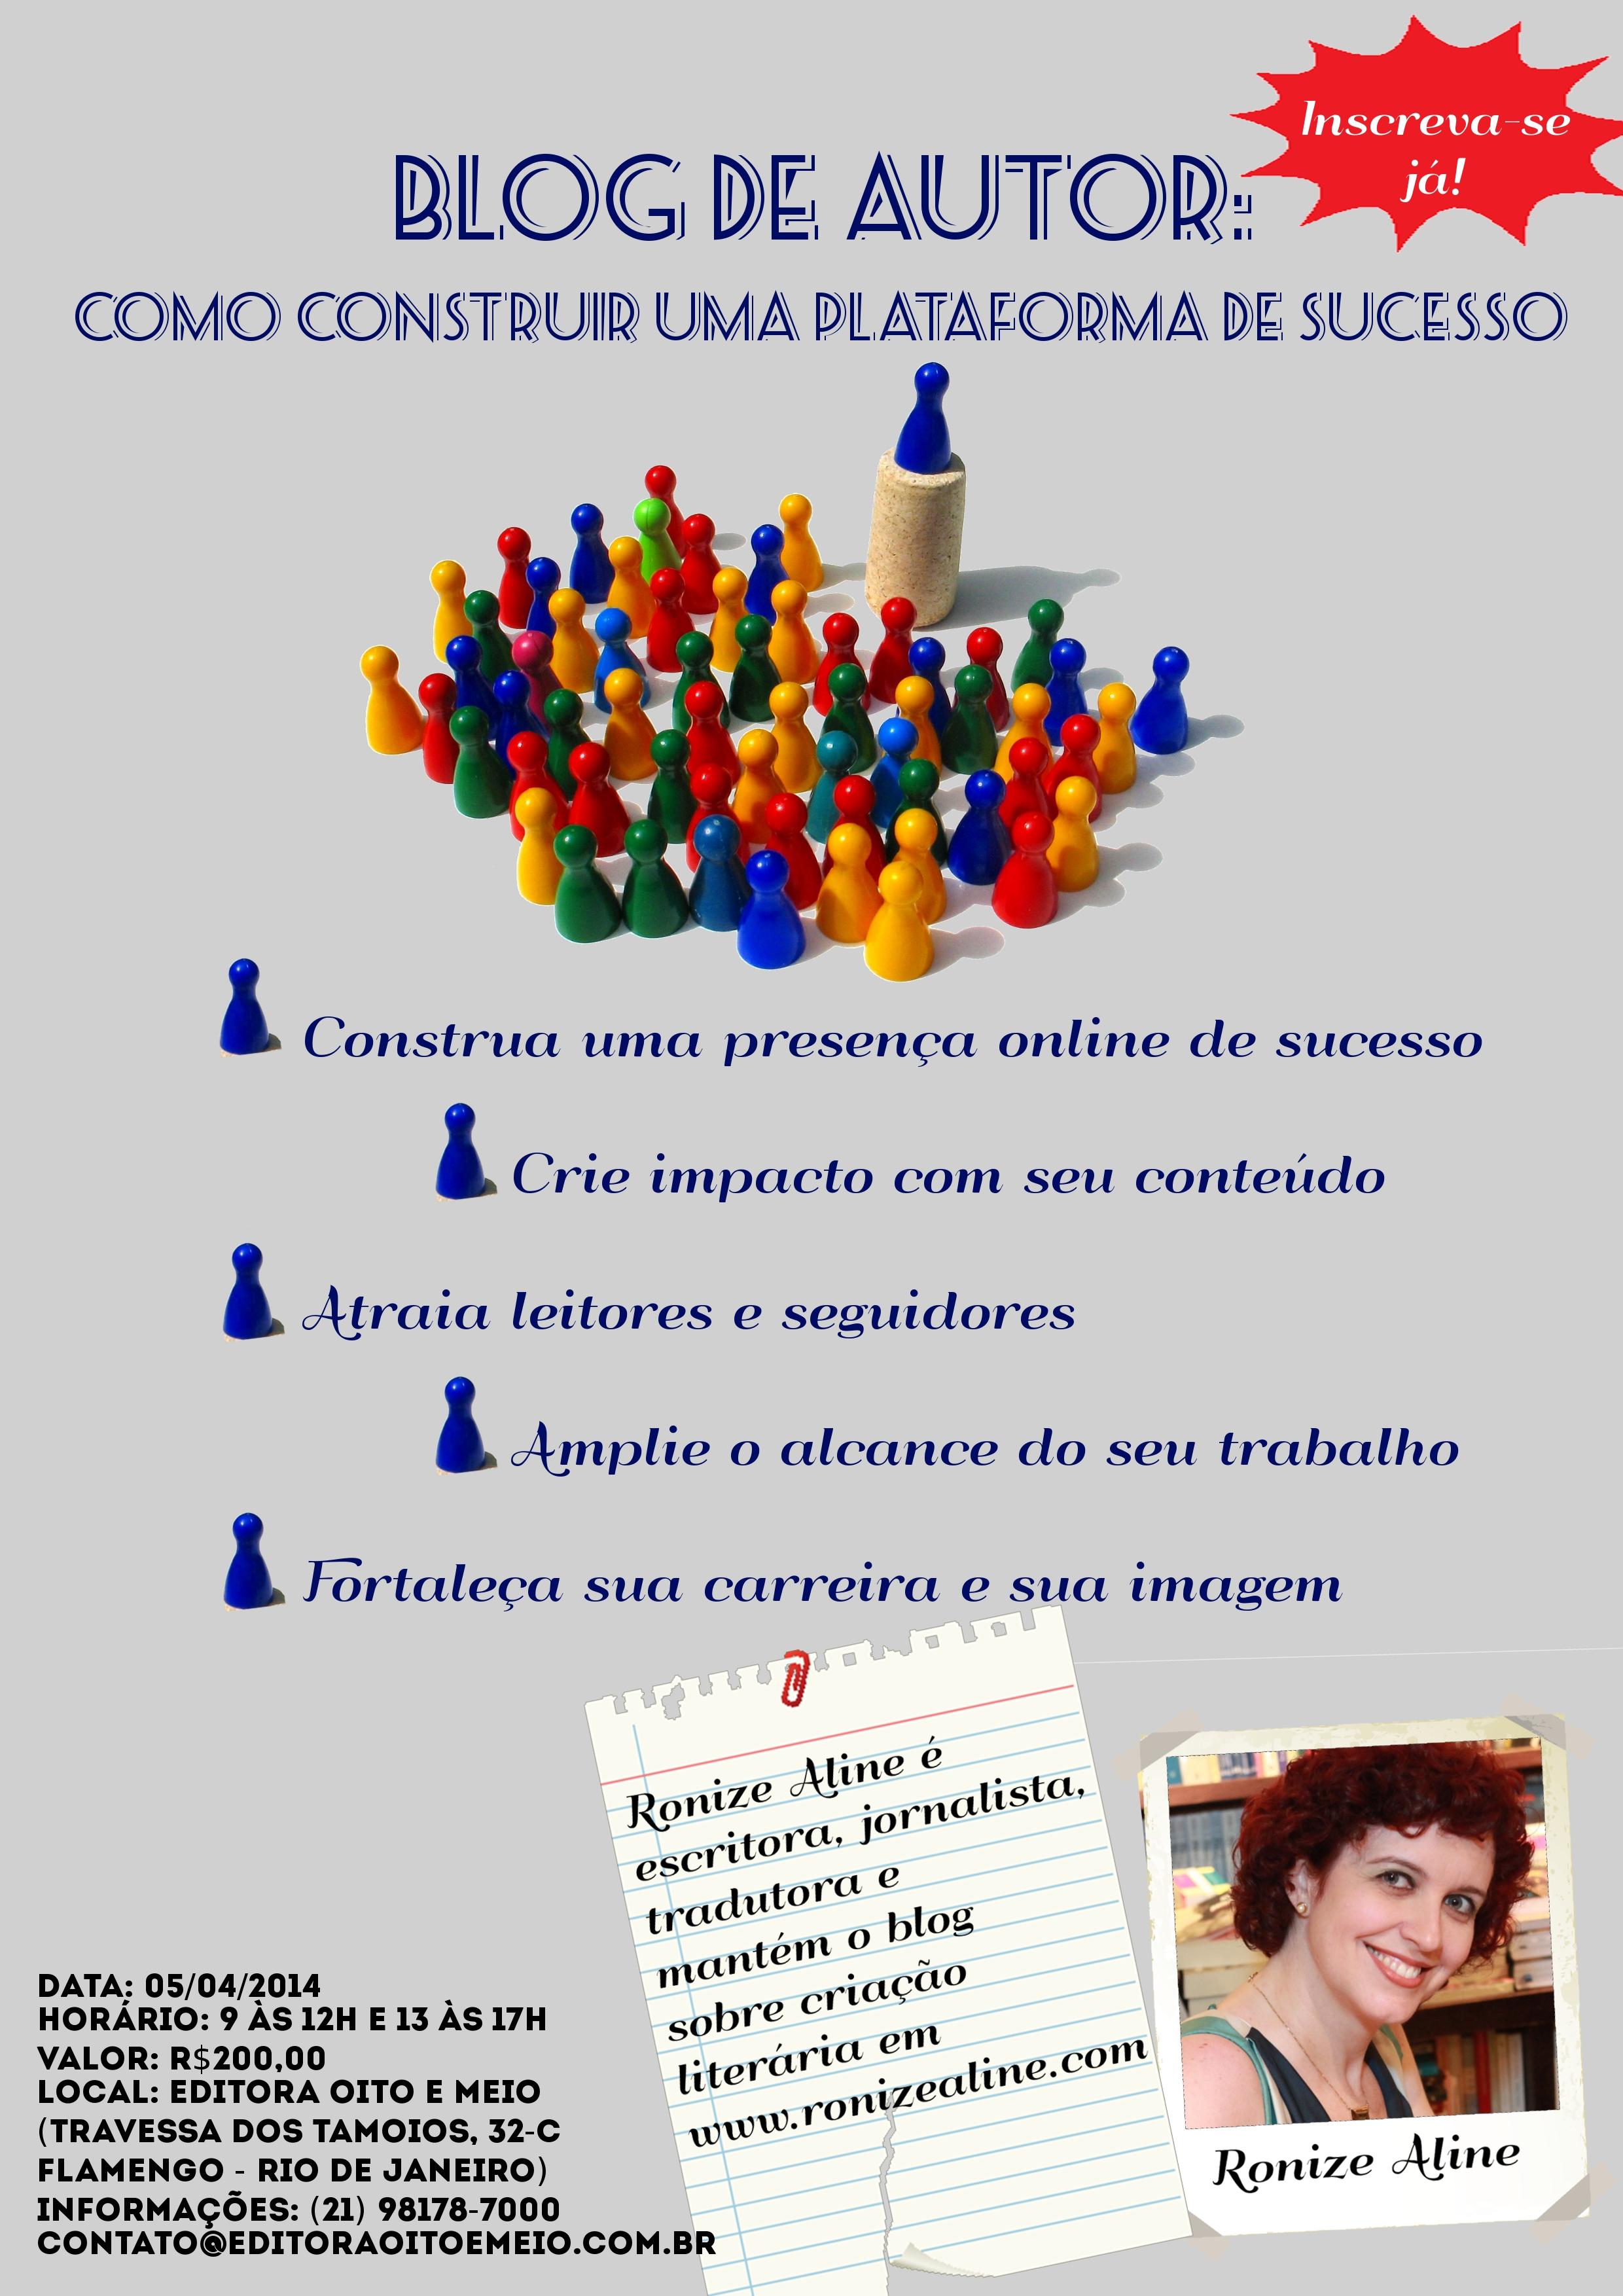 Blog de Autor: como construir uma plataforma de sucesso